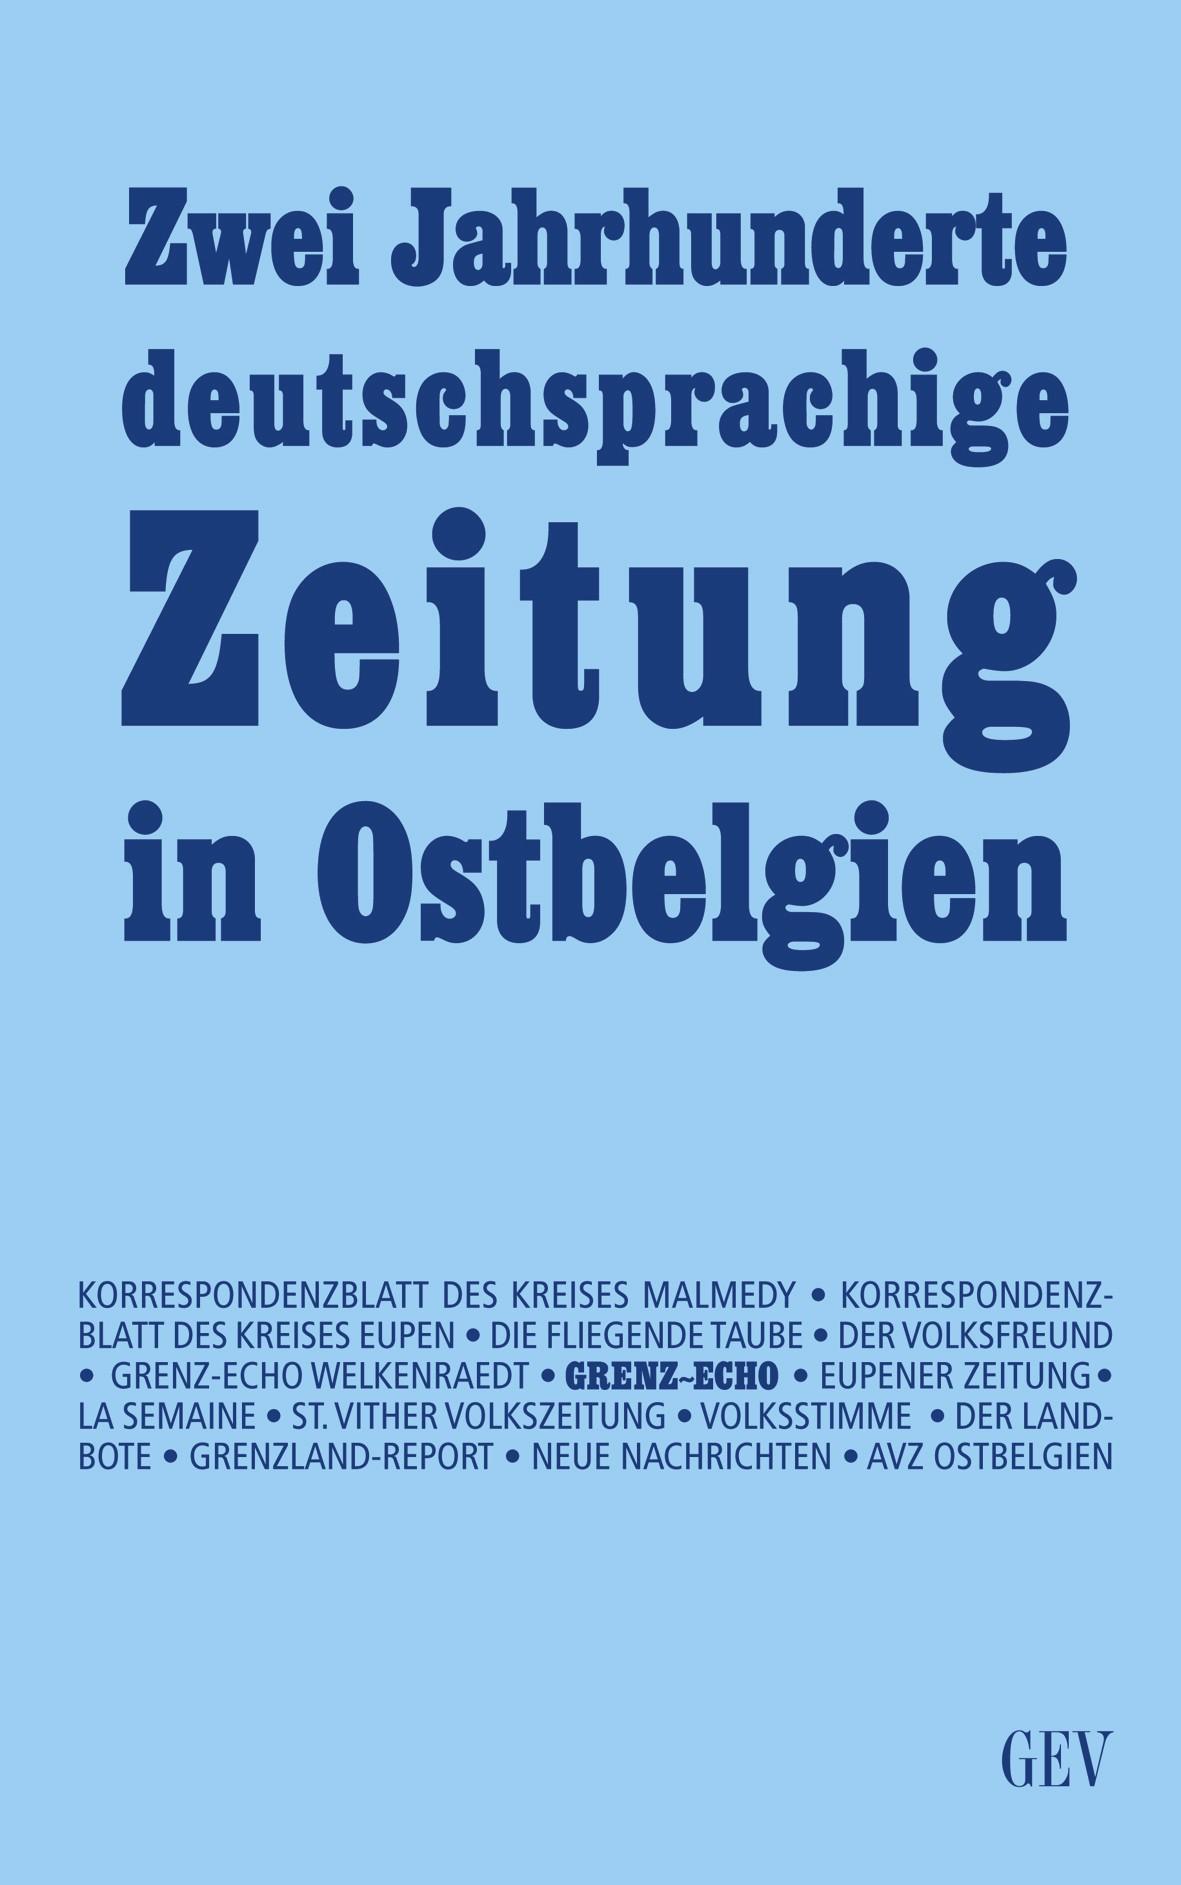 Zwei Jahrhunderte deutschsprachige Zeitung in Ostbelgien